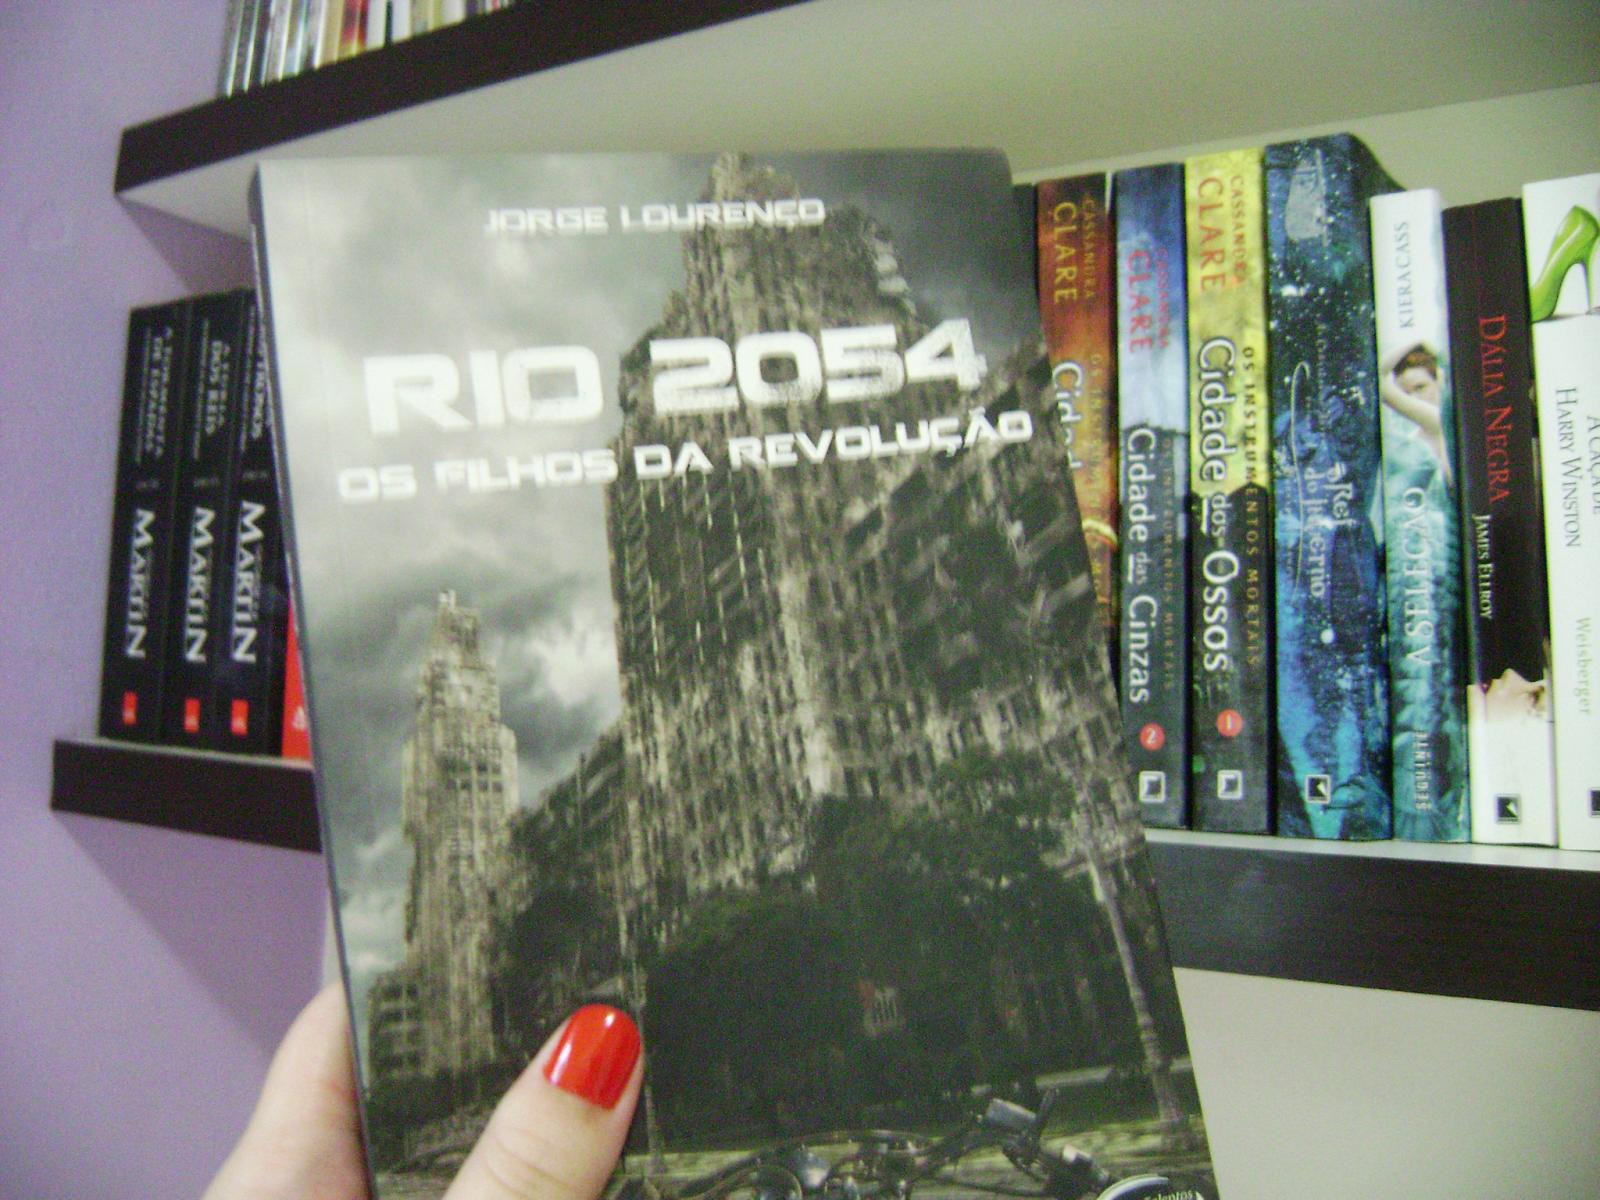 Rio 2054 - Distopia Brasileira